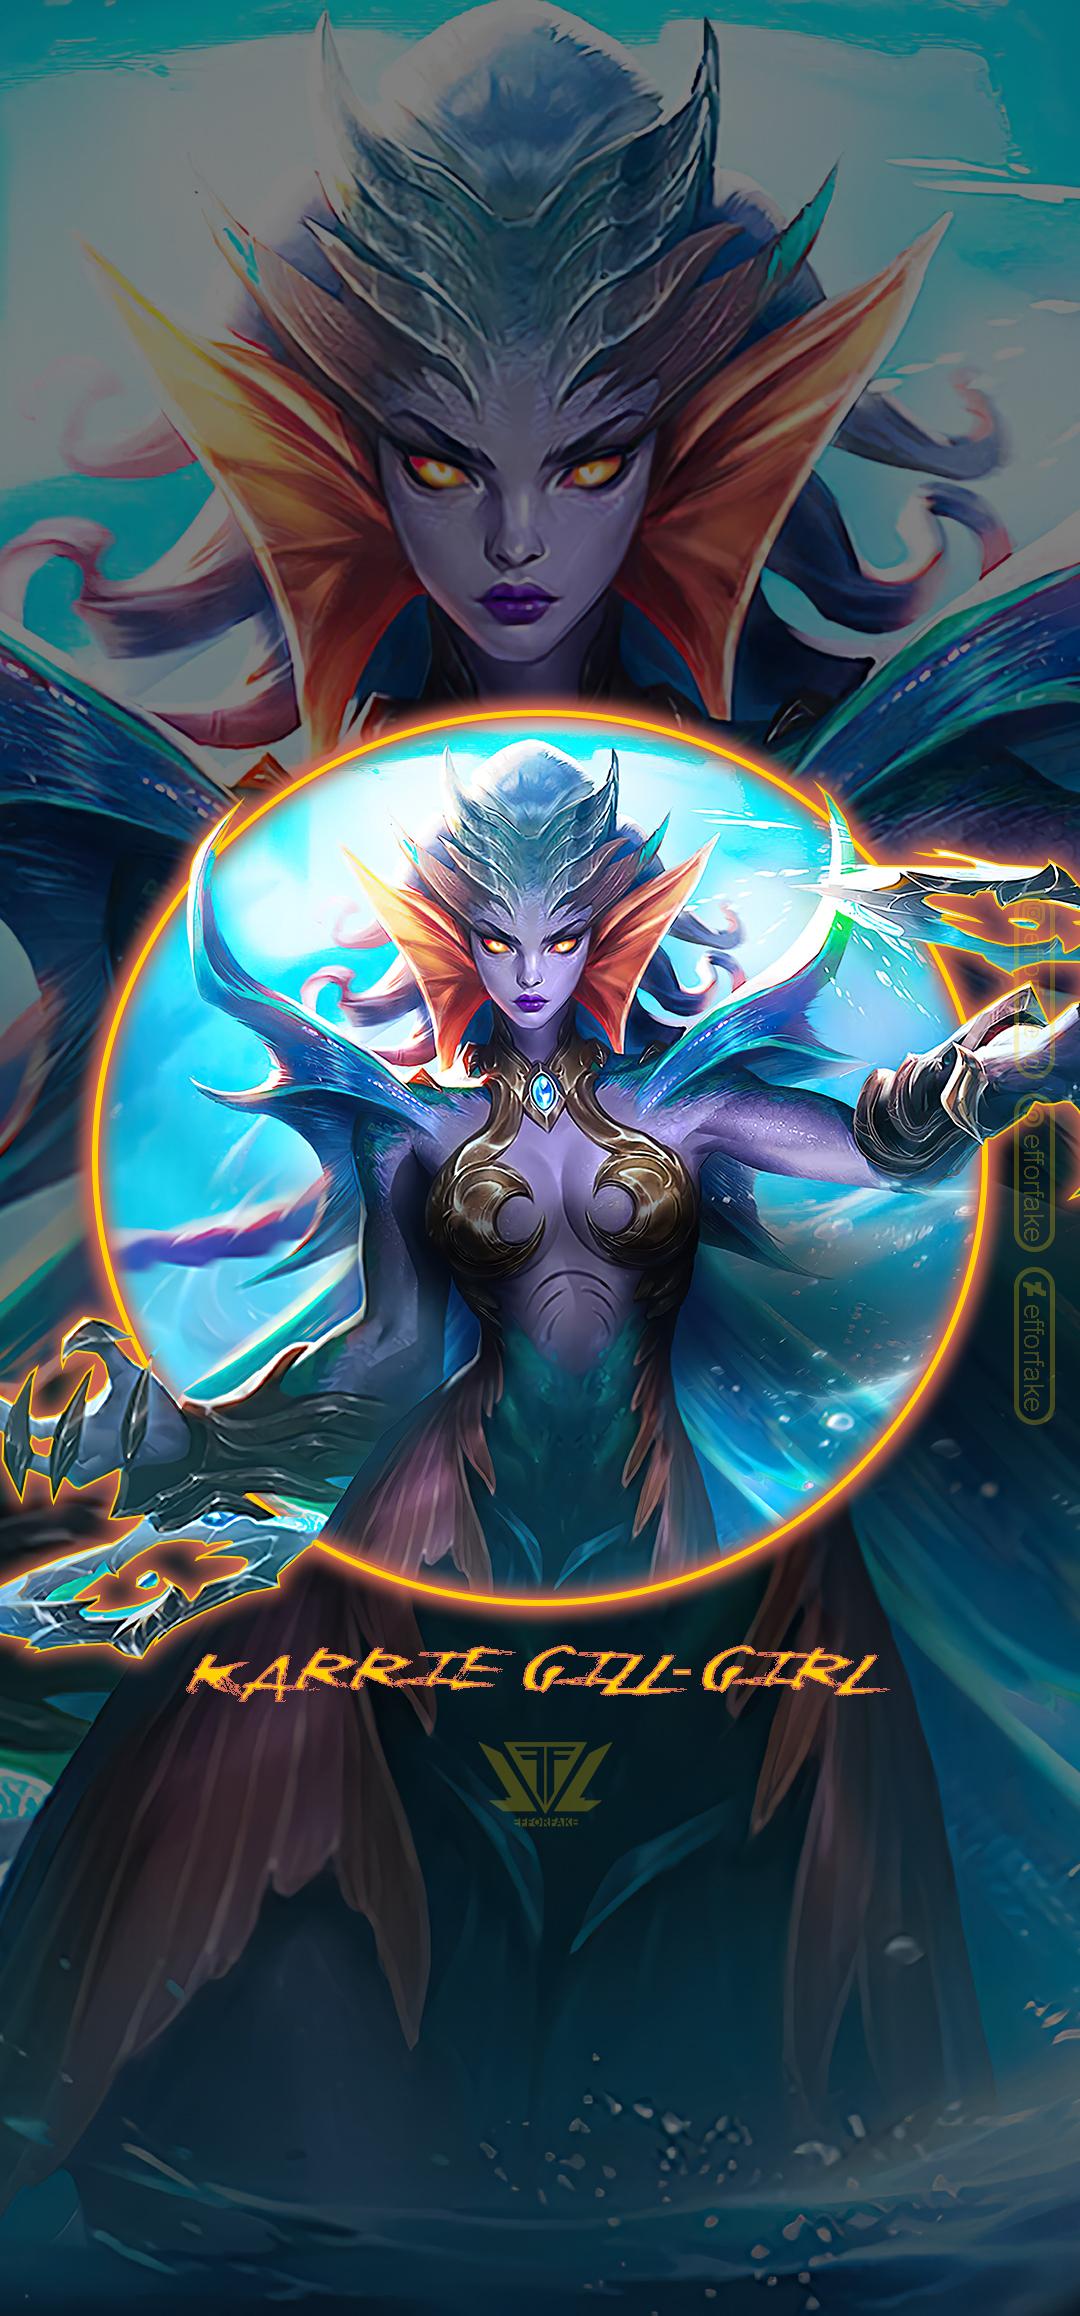 Karrie Gill Girl Mobile Legends Wallpaper By Efforfake On Deviantart